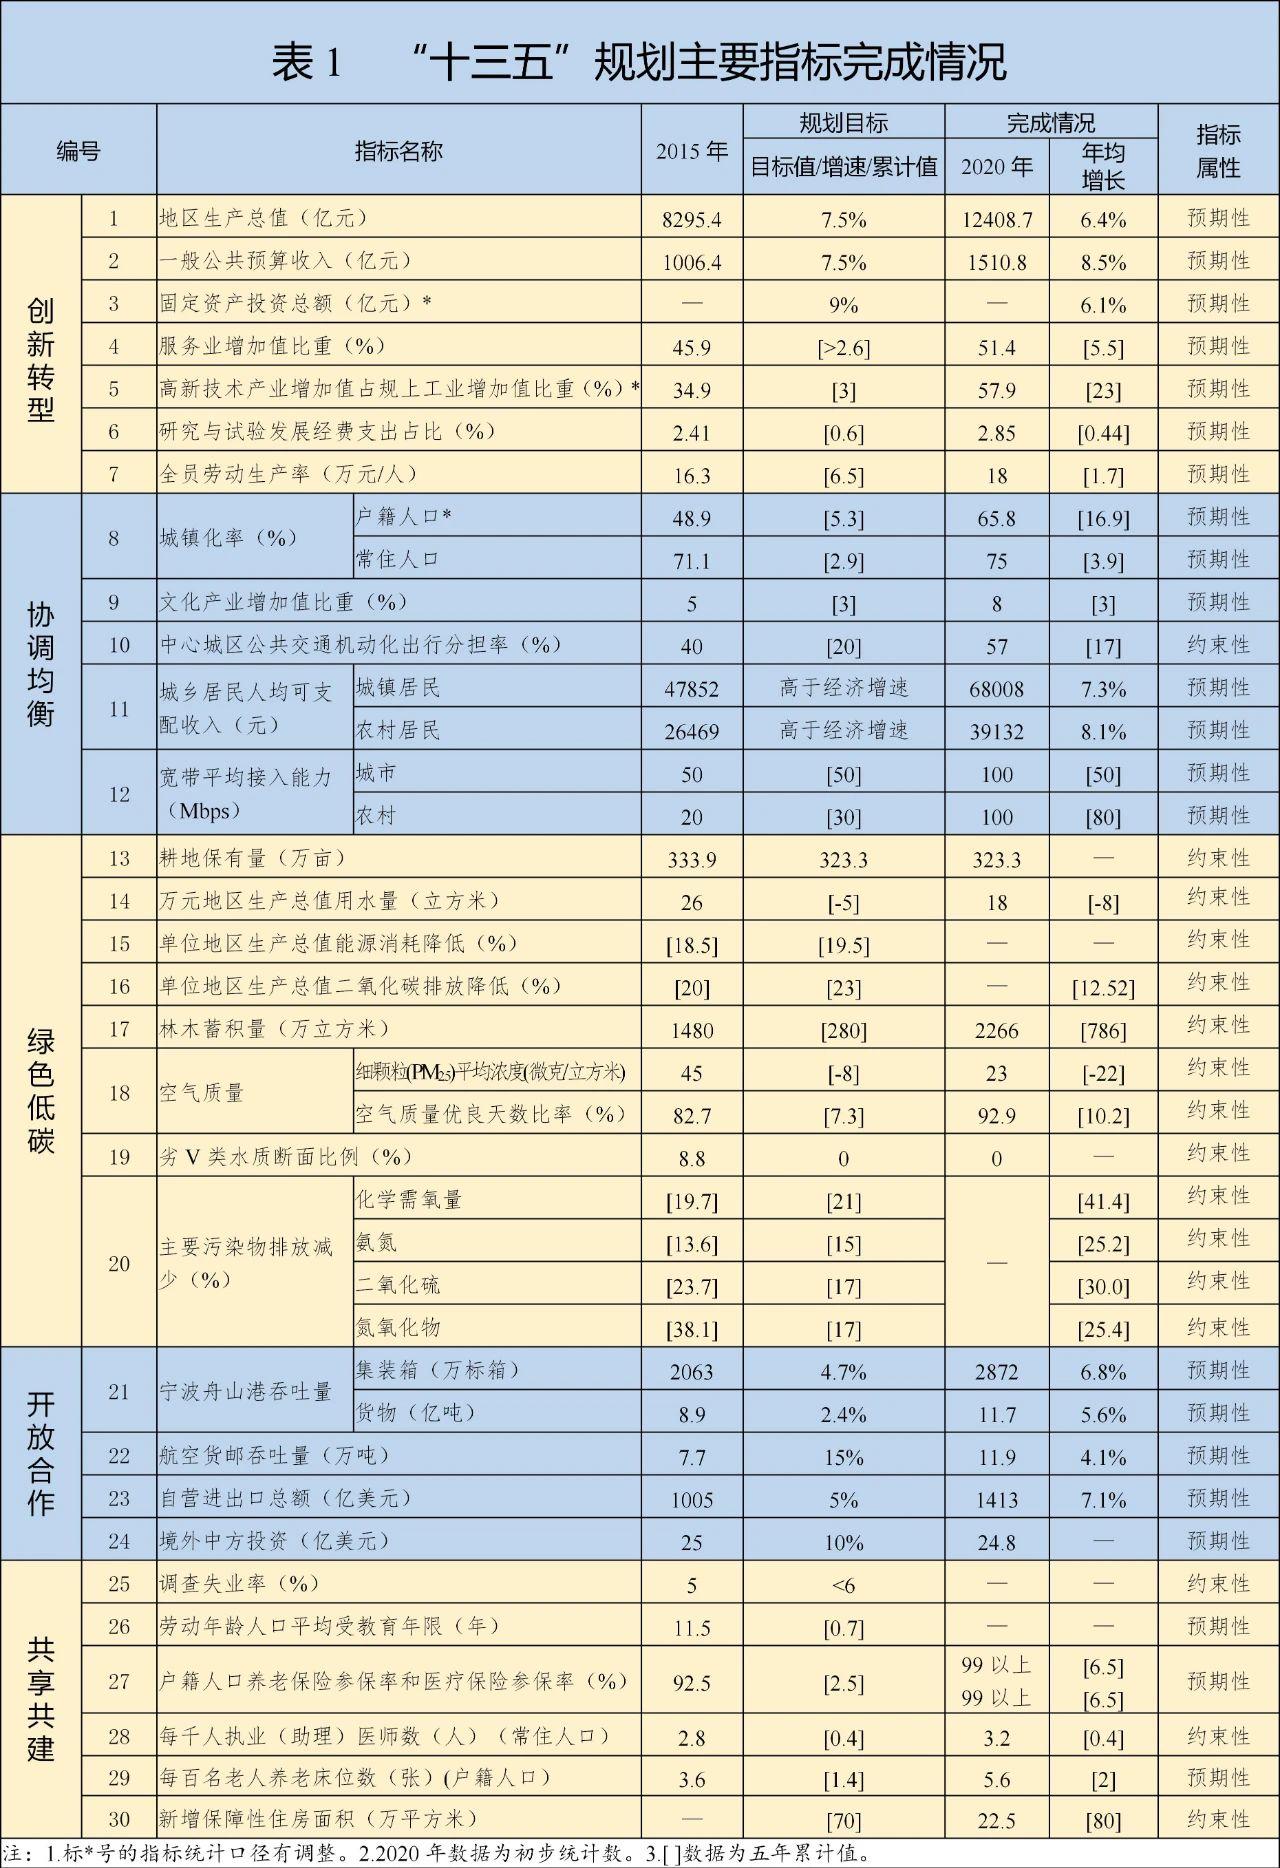 宁波市十四五规划全文